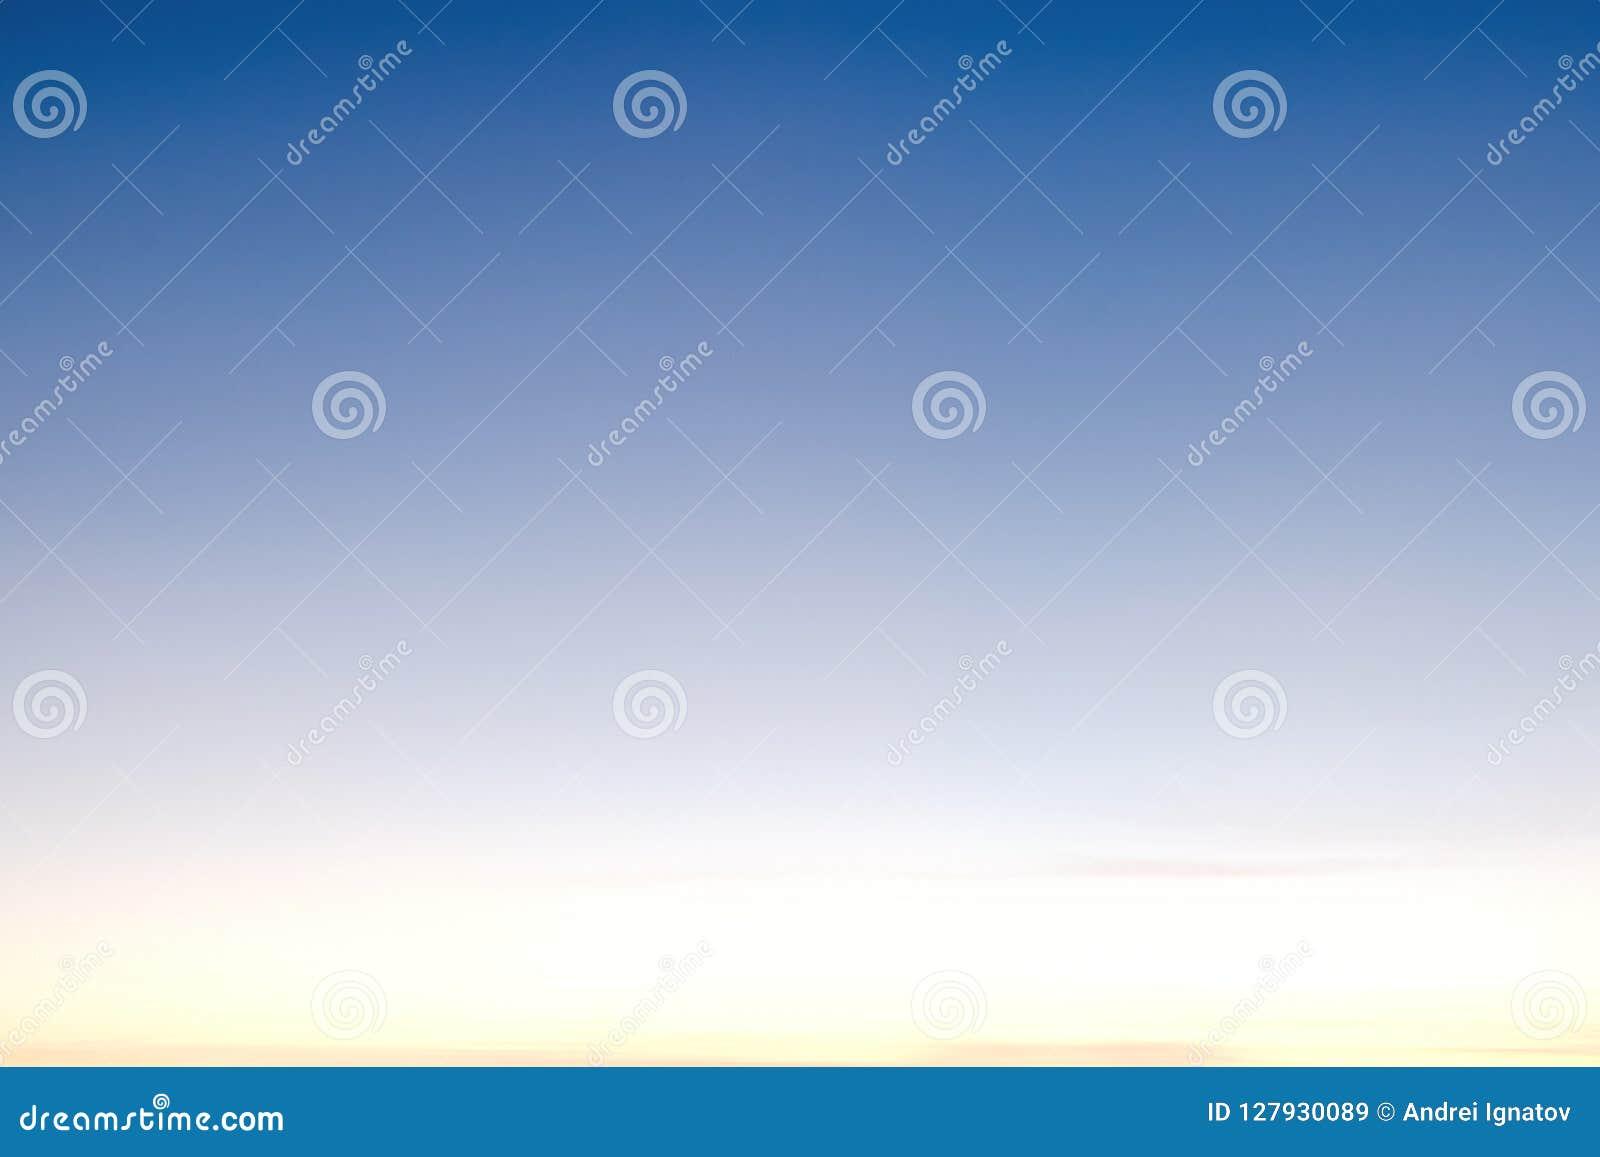 El cielo azul claro con las nubes, se puede utilizar como fondo